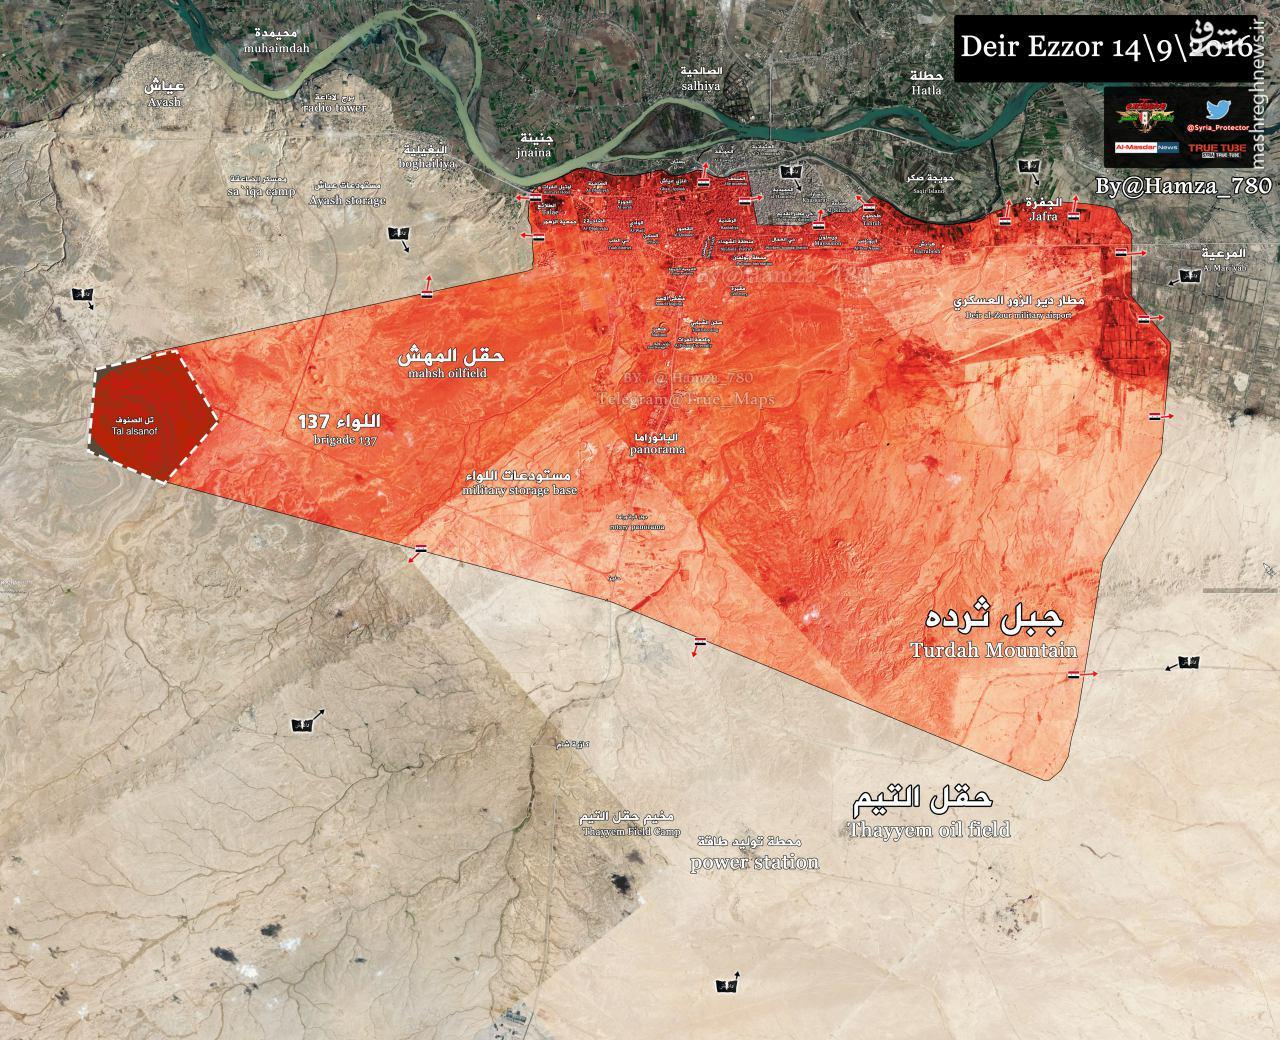 آرایش تهاجمی ارتش سوریه در درعا/ساخت پایگاه هوایی آمریکا در کوبانی سوریه/شکست عملیات قادسیه جنوب در قنیطره/عقب نشینی ارتش سوریه از جاده کاستلو حلب/در حال ویرایش